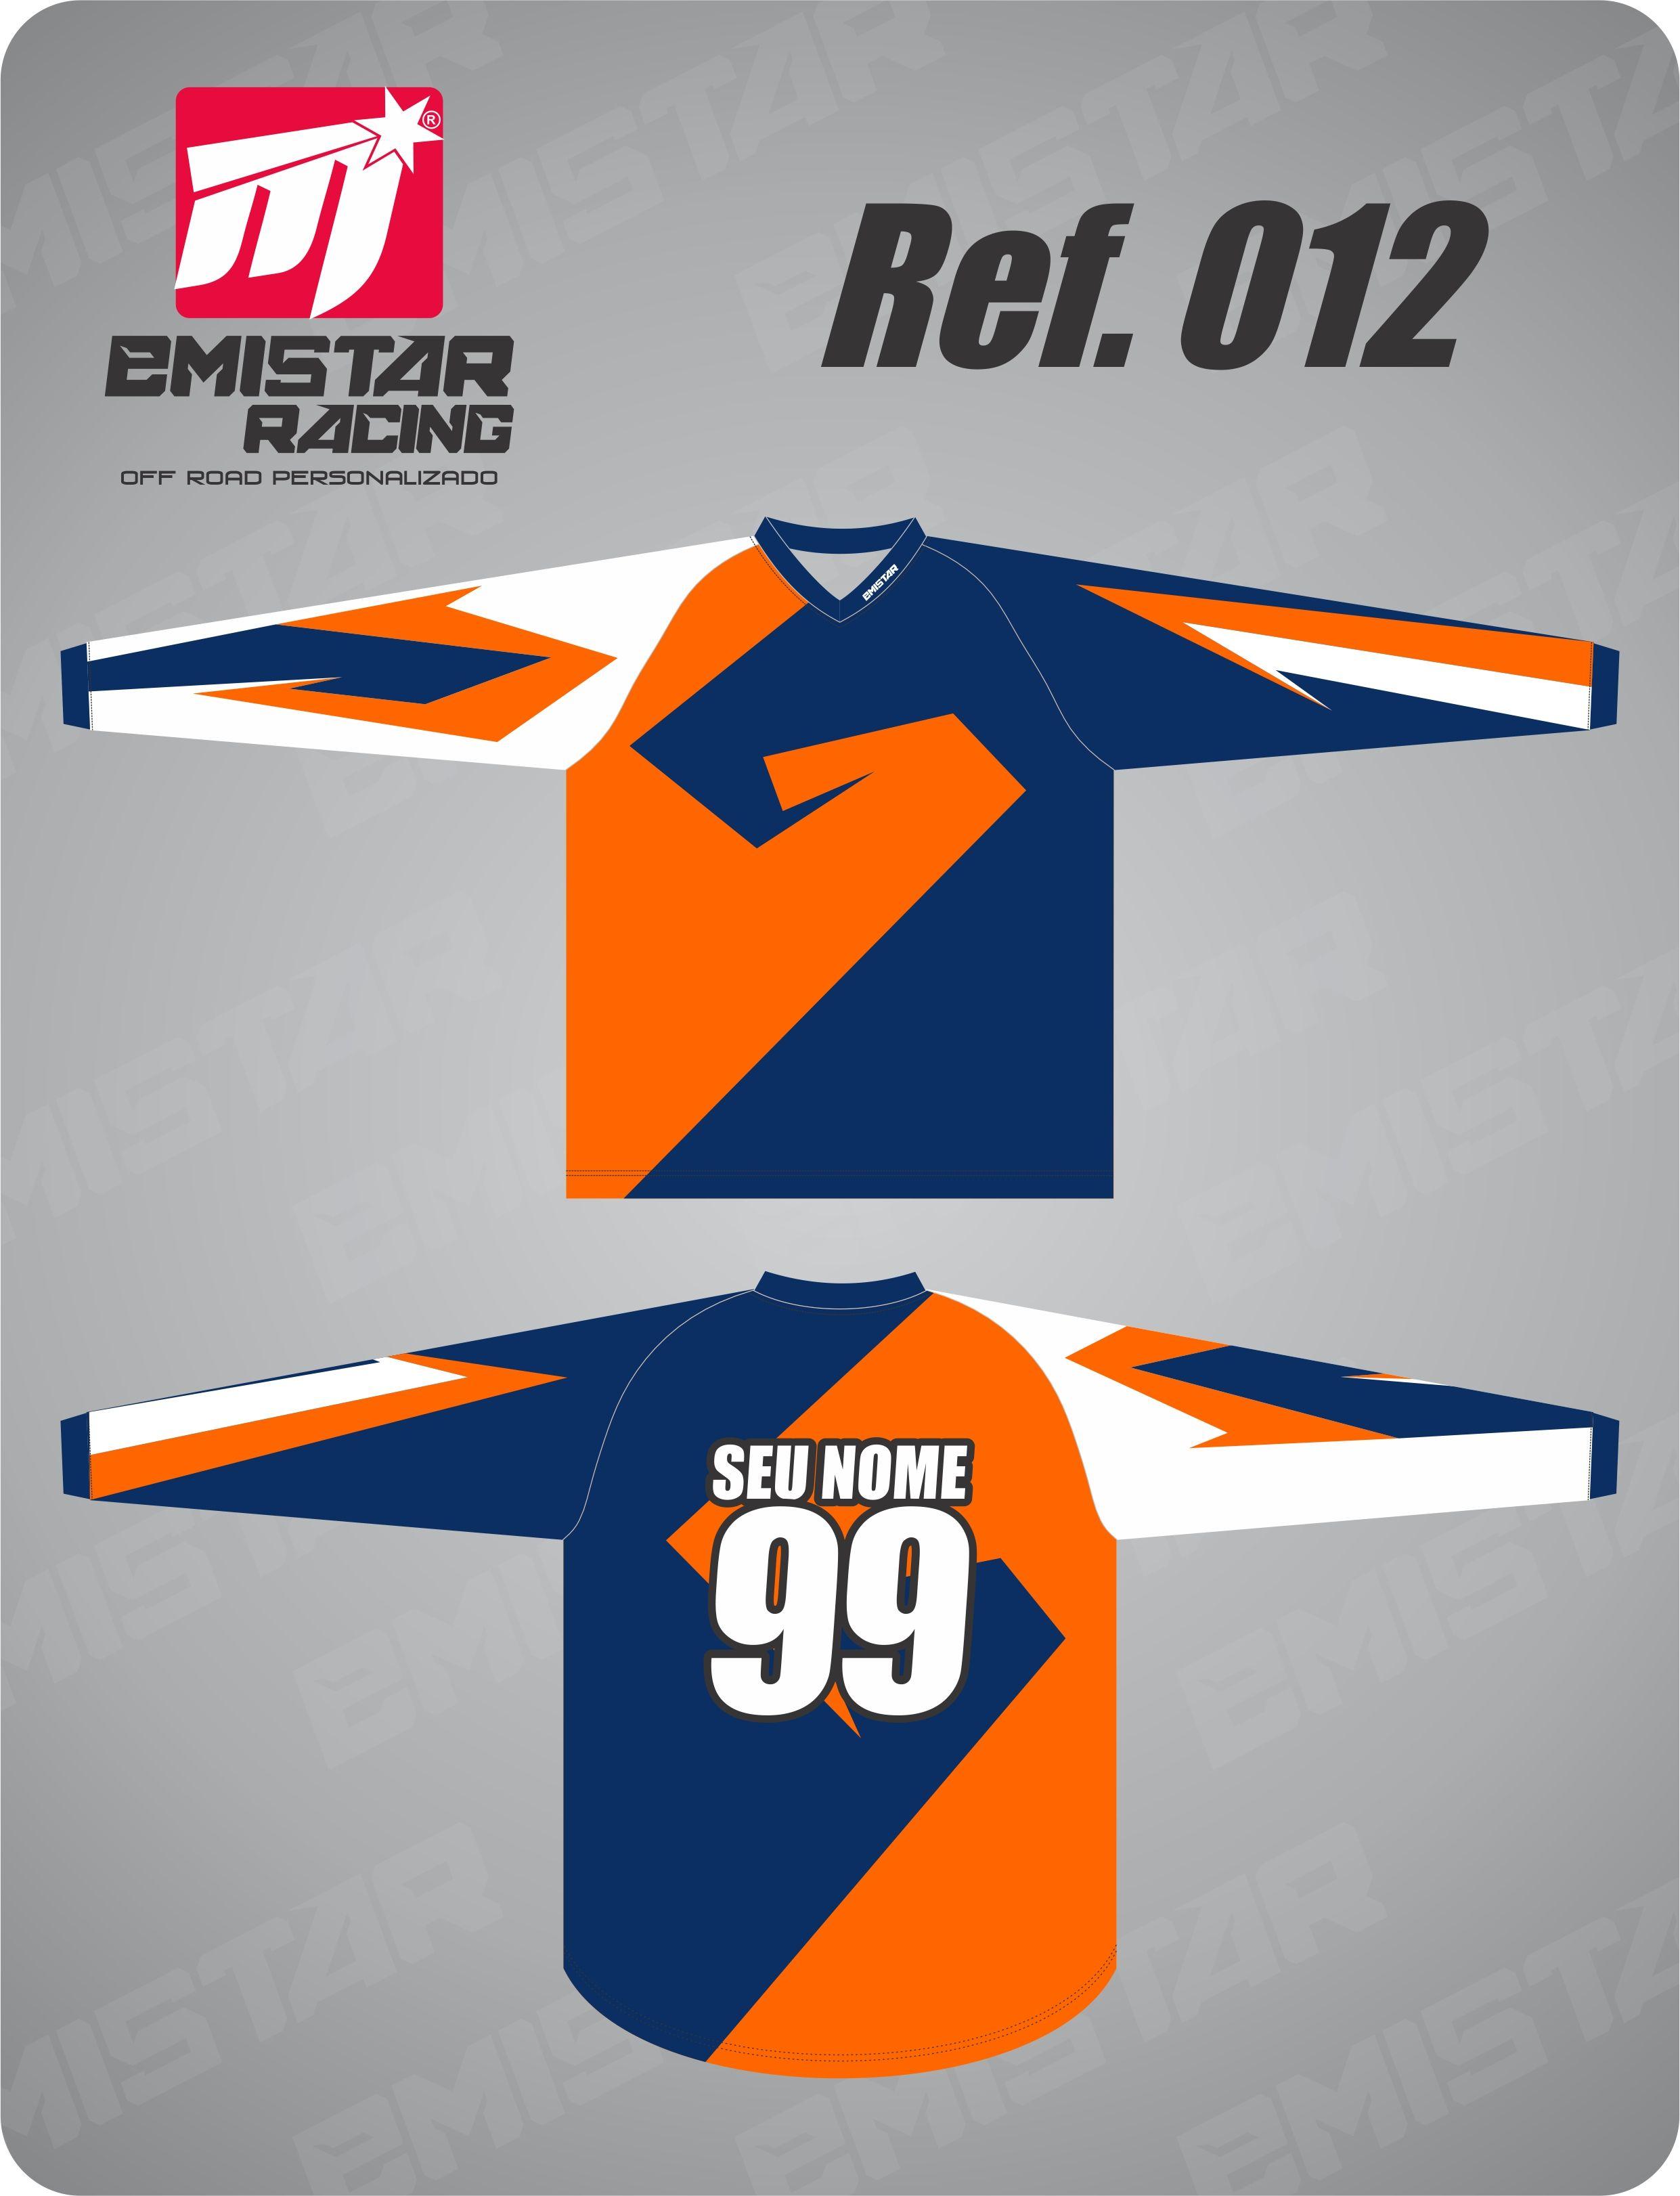 124cba3f69 Camisa personalizada com nome e número para trilha